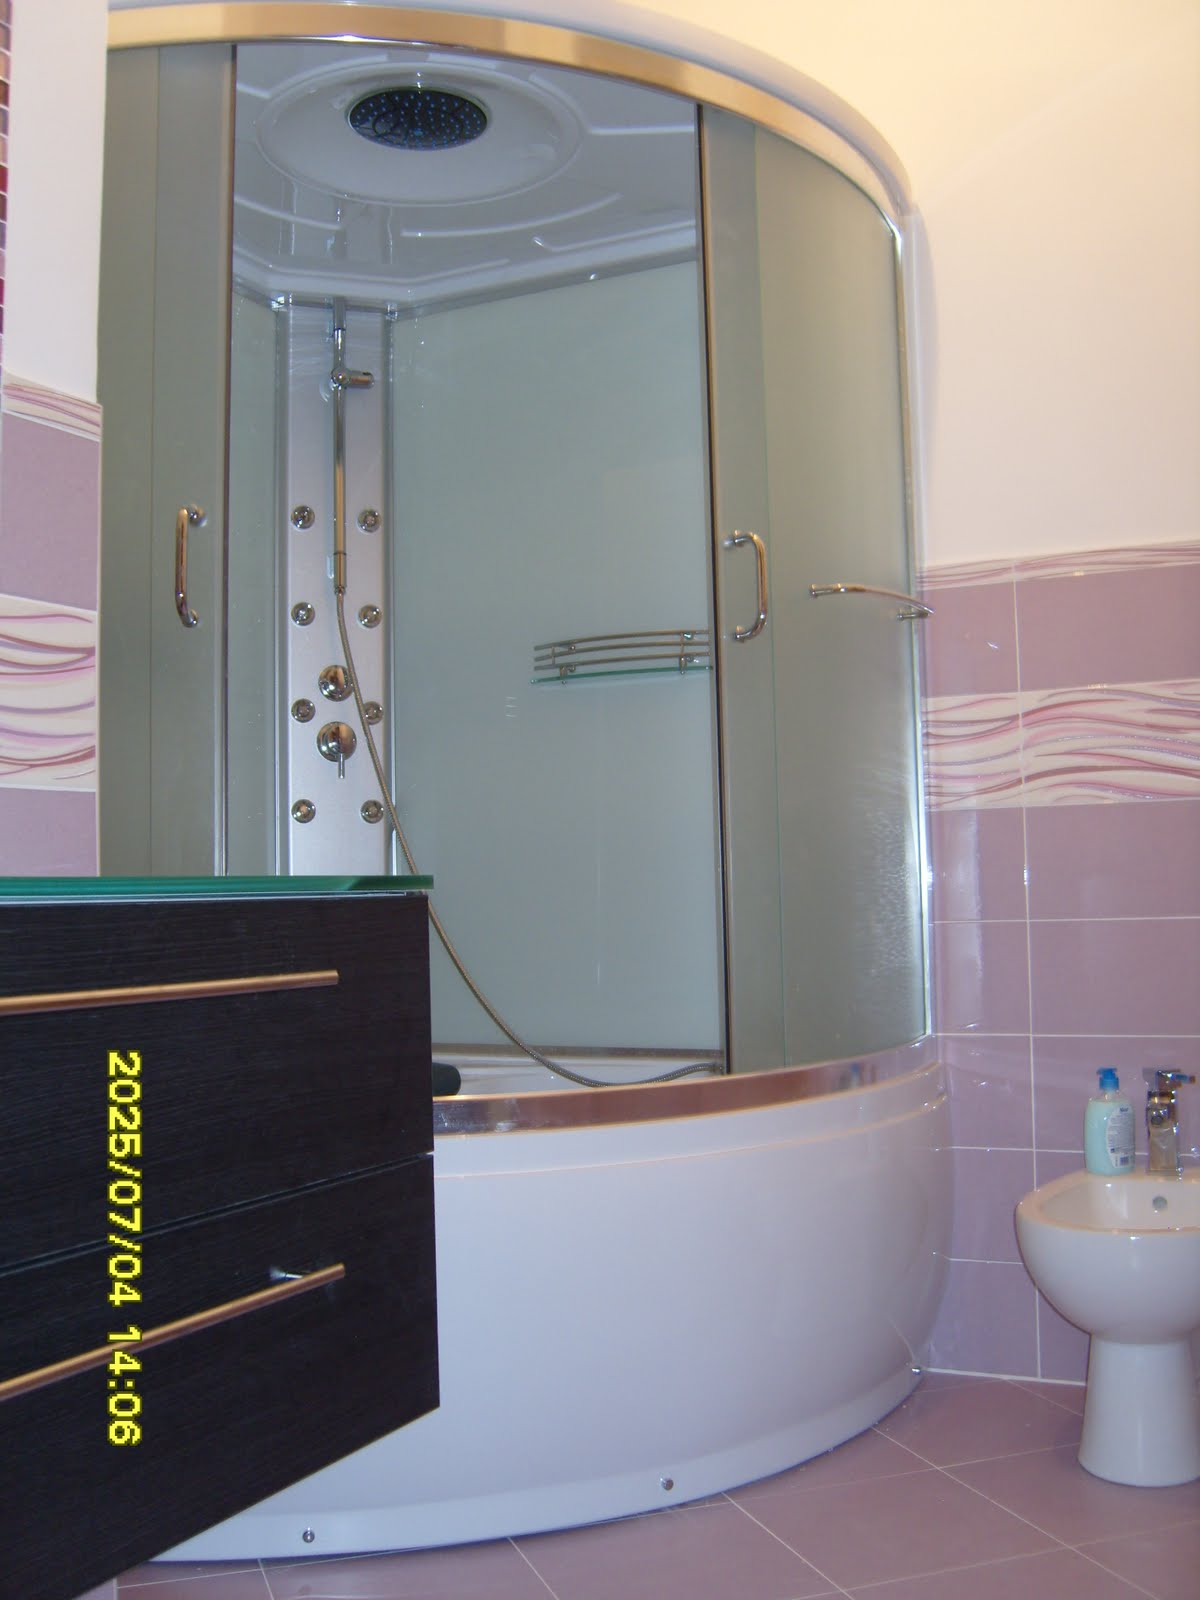 Rifare il bagno idee ip12 regardsdefemmes - Rifare bagno costo ...